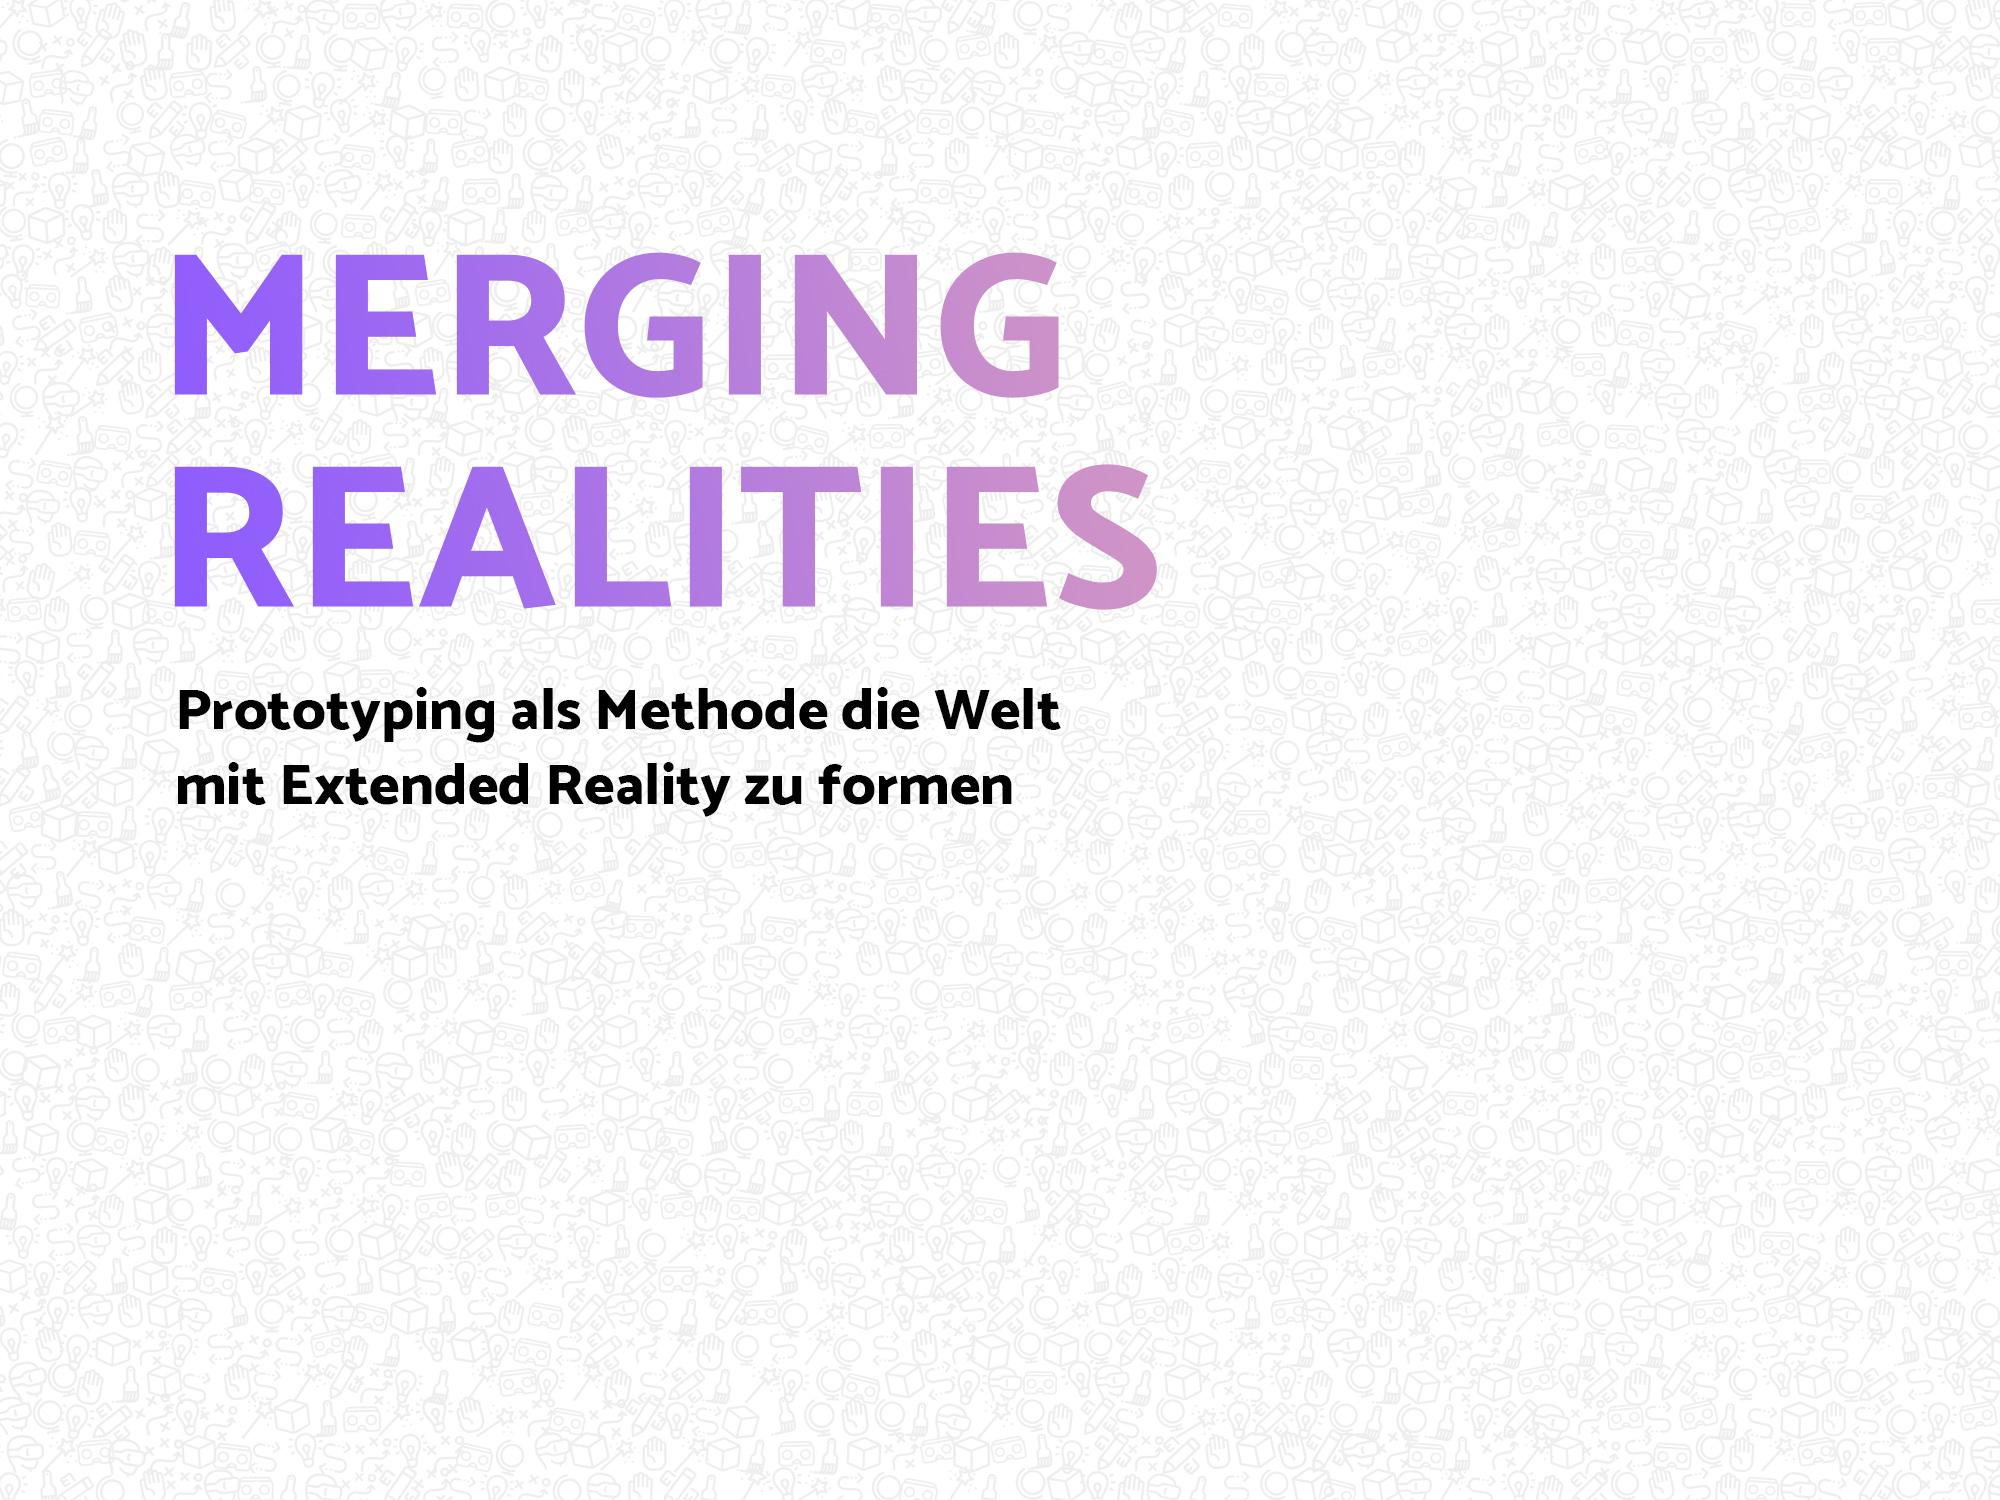 Merging Realities